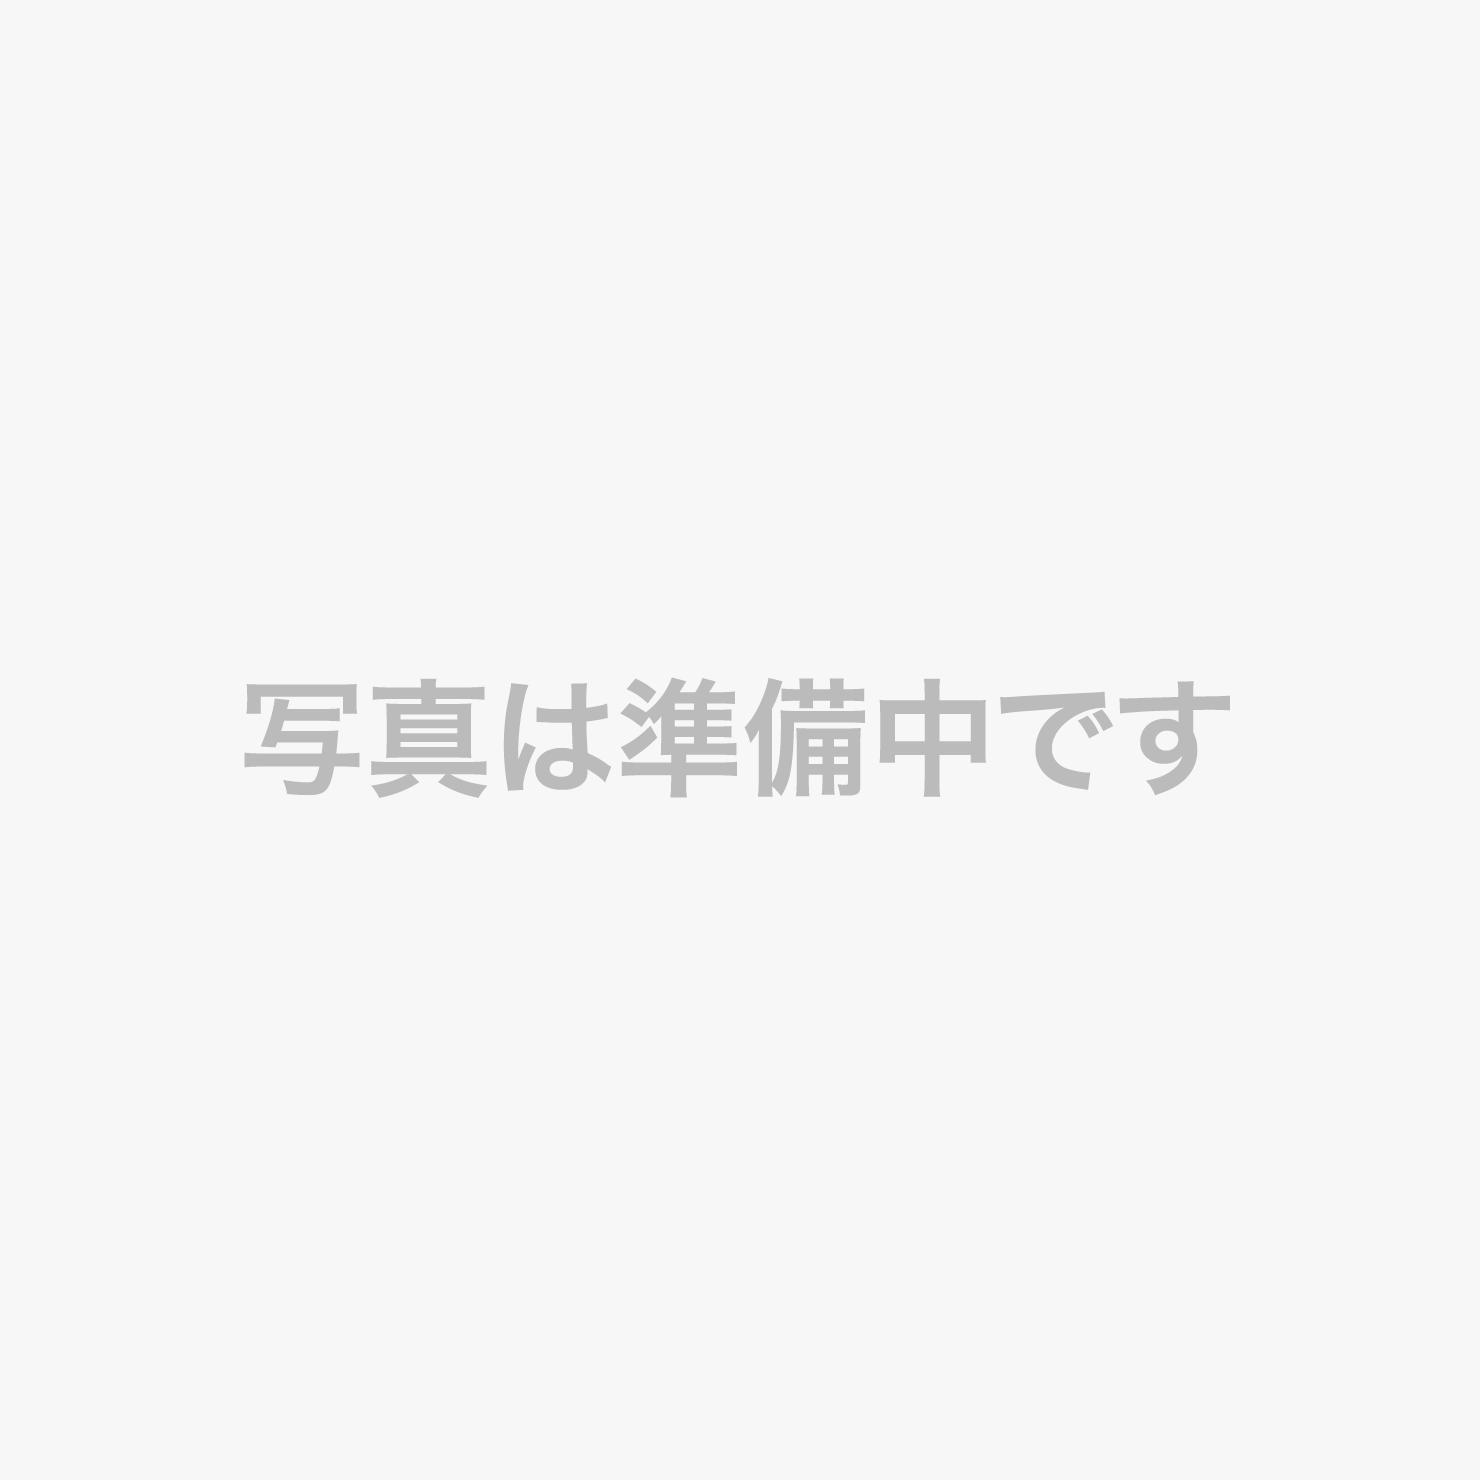 クラブスーペリアツイン*30平米*広めのライティングデスクがゆったりとレイアウトされた客室からは、パノラミックに広がる1000万ドルの神戸夜景をお楽しみいただけます。